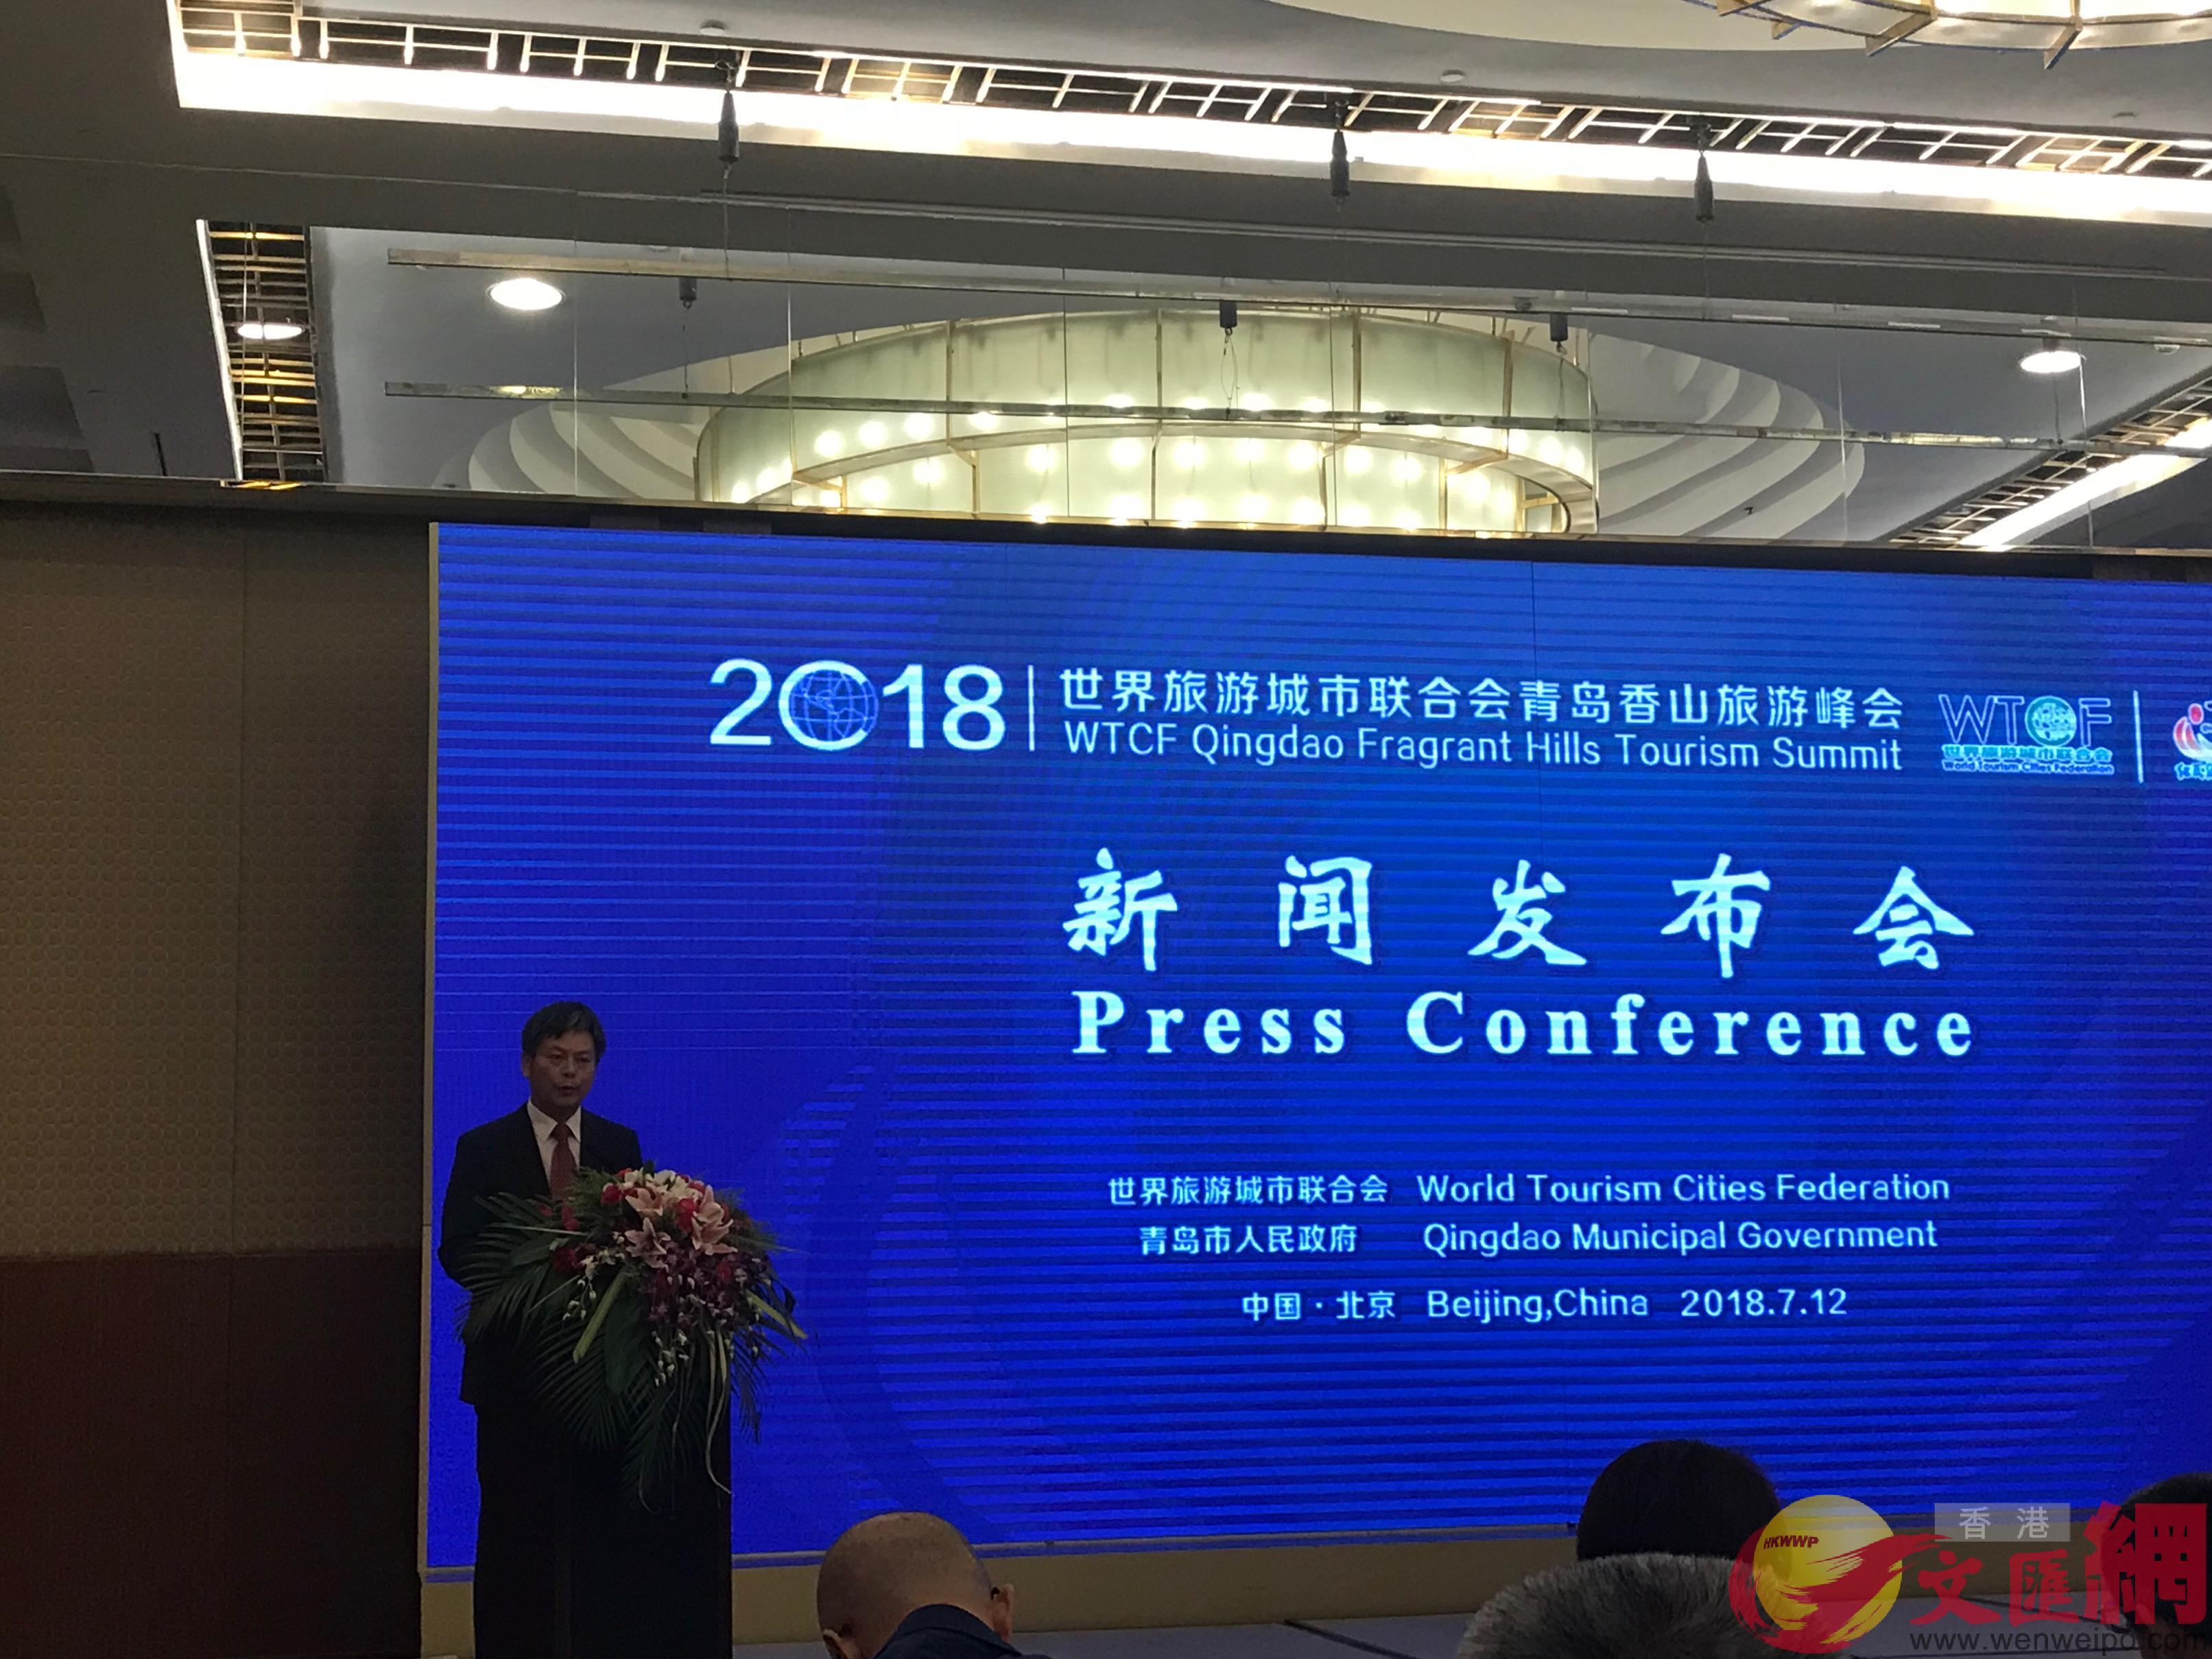 世界旅遊城市聯合會常務副秘書長李寶春致辭。(張聰 攝)